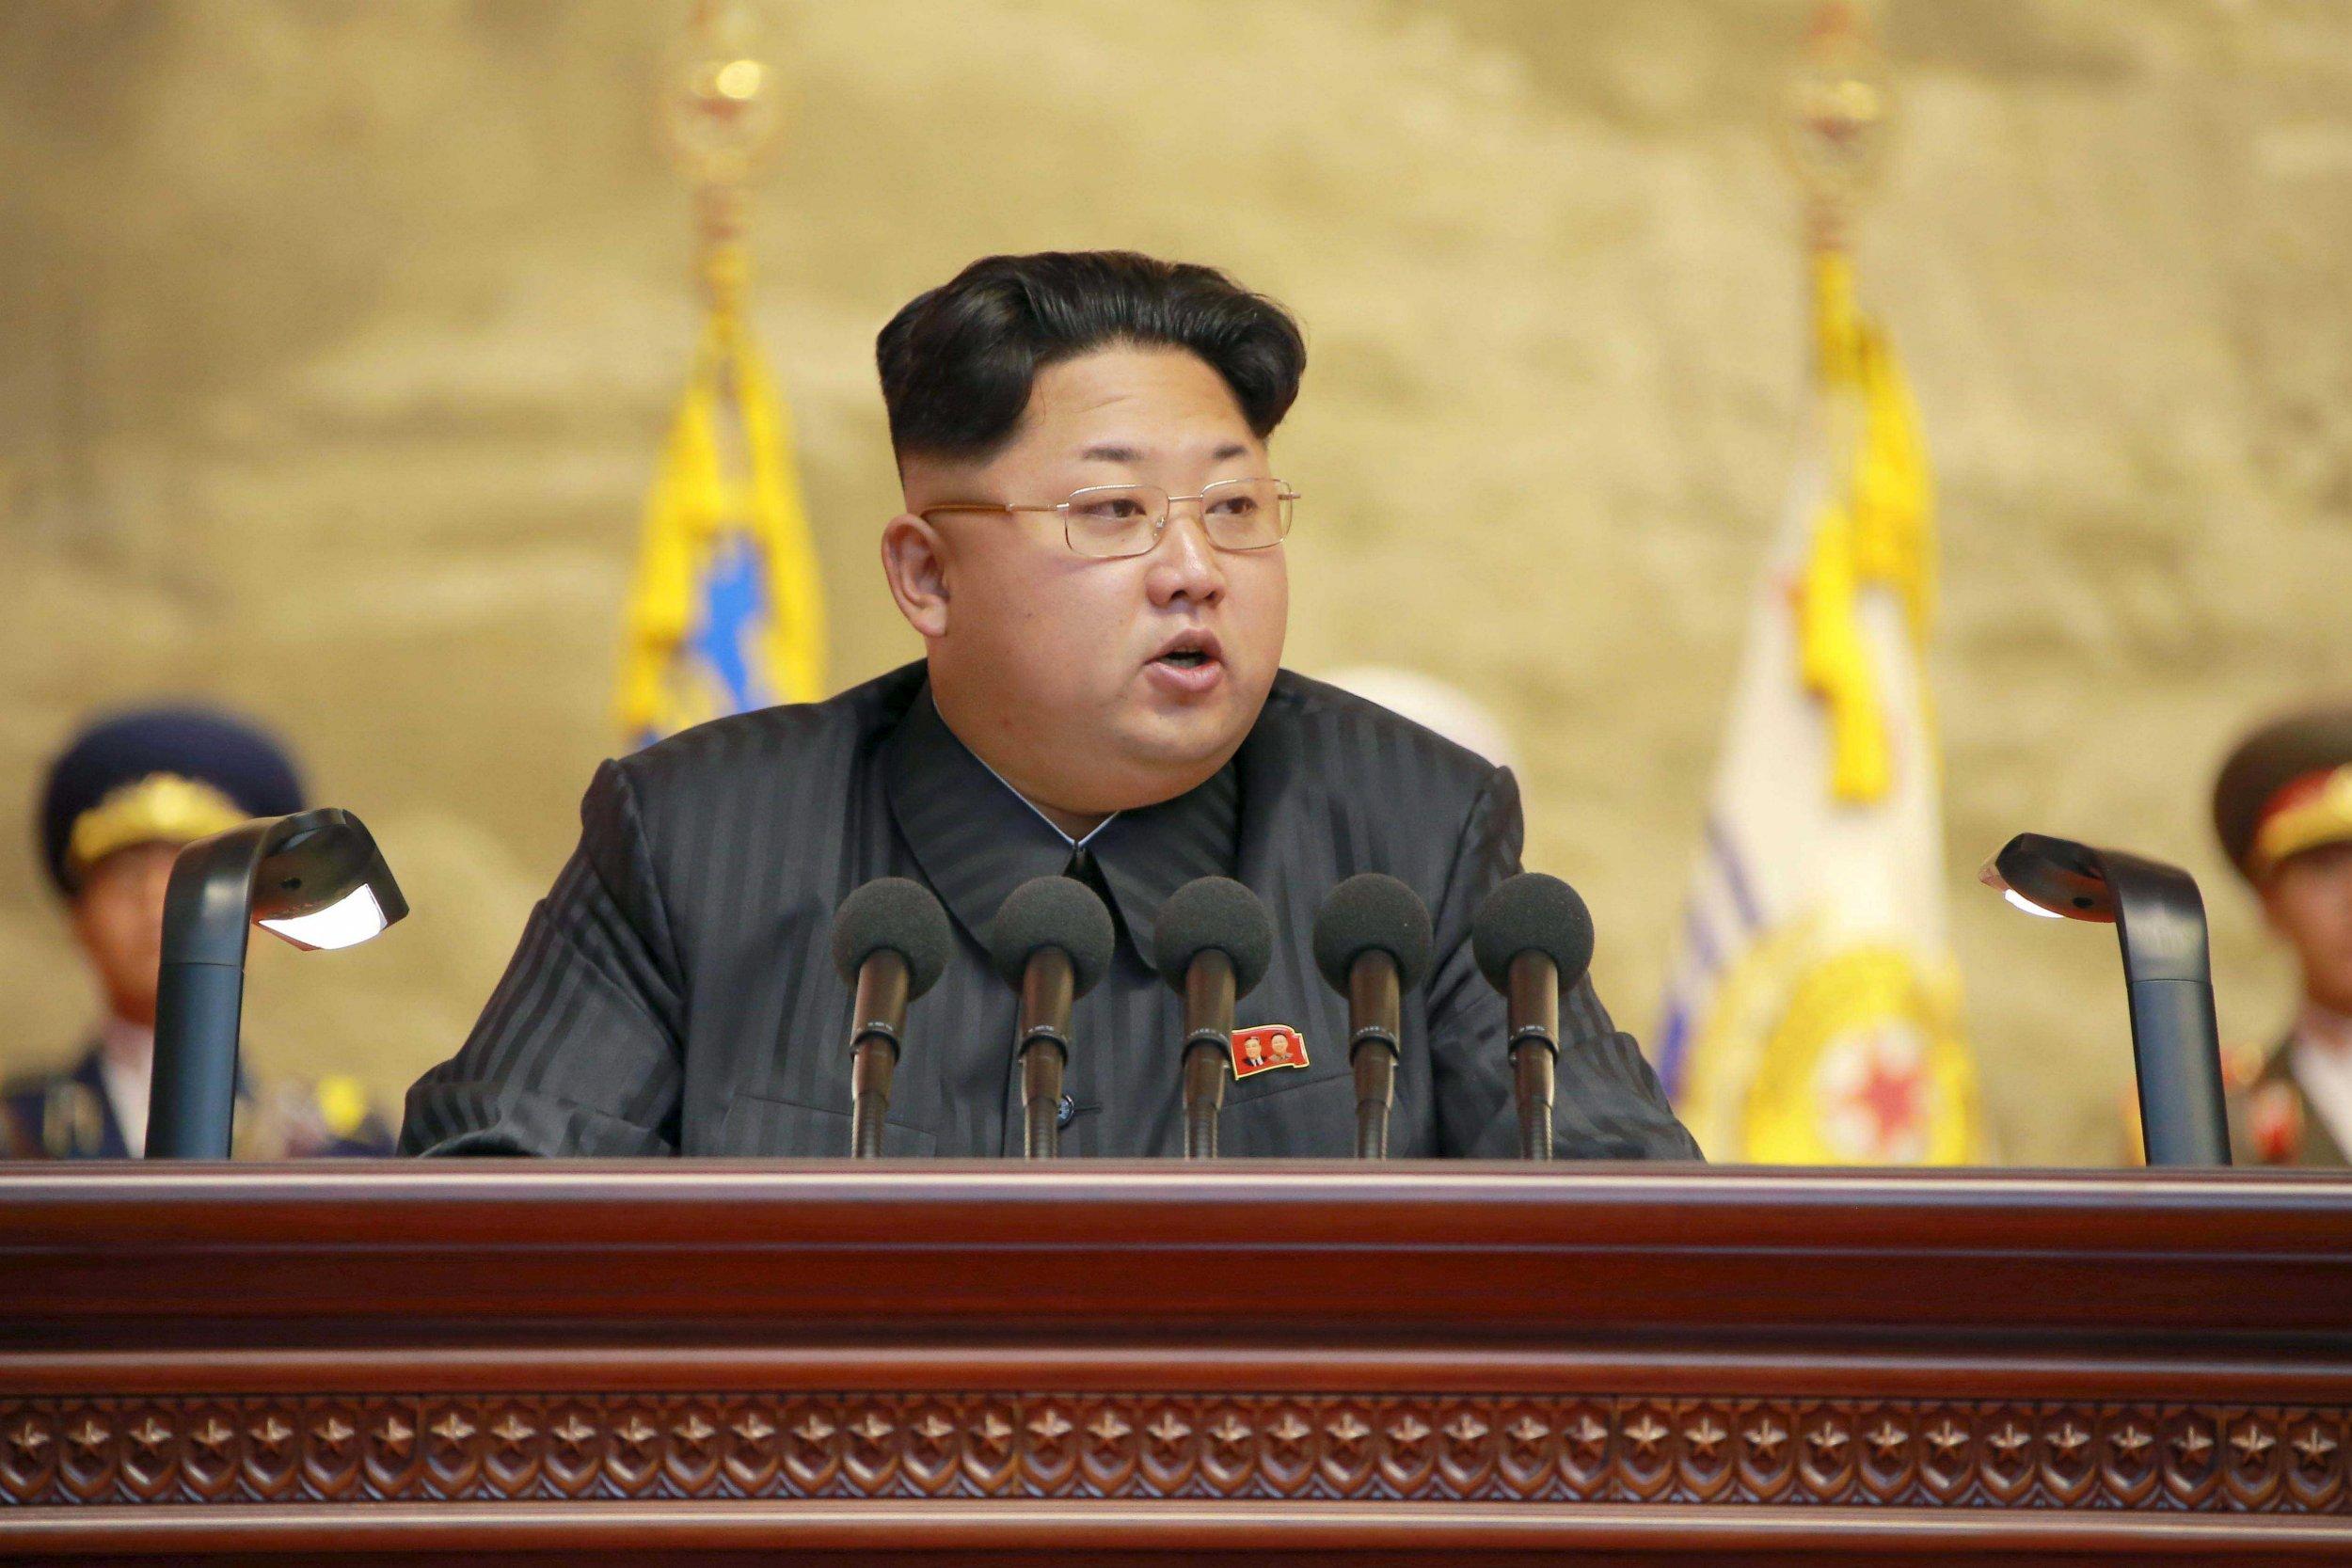 7-27-15 Kim Jong Un